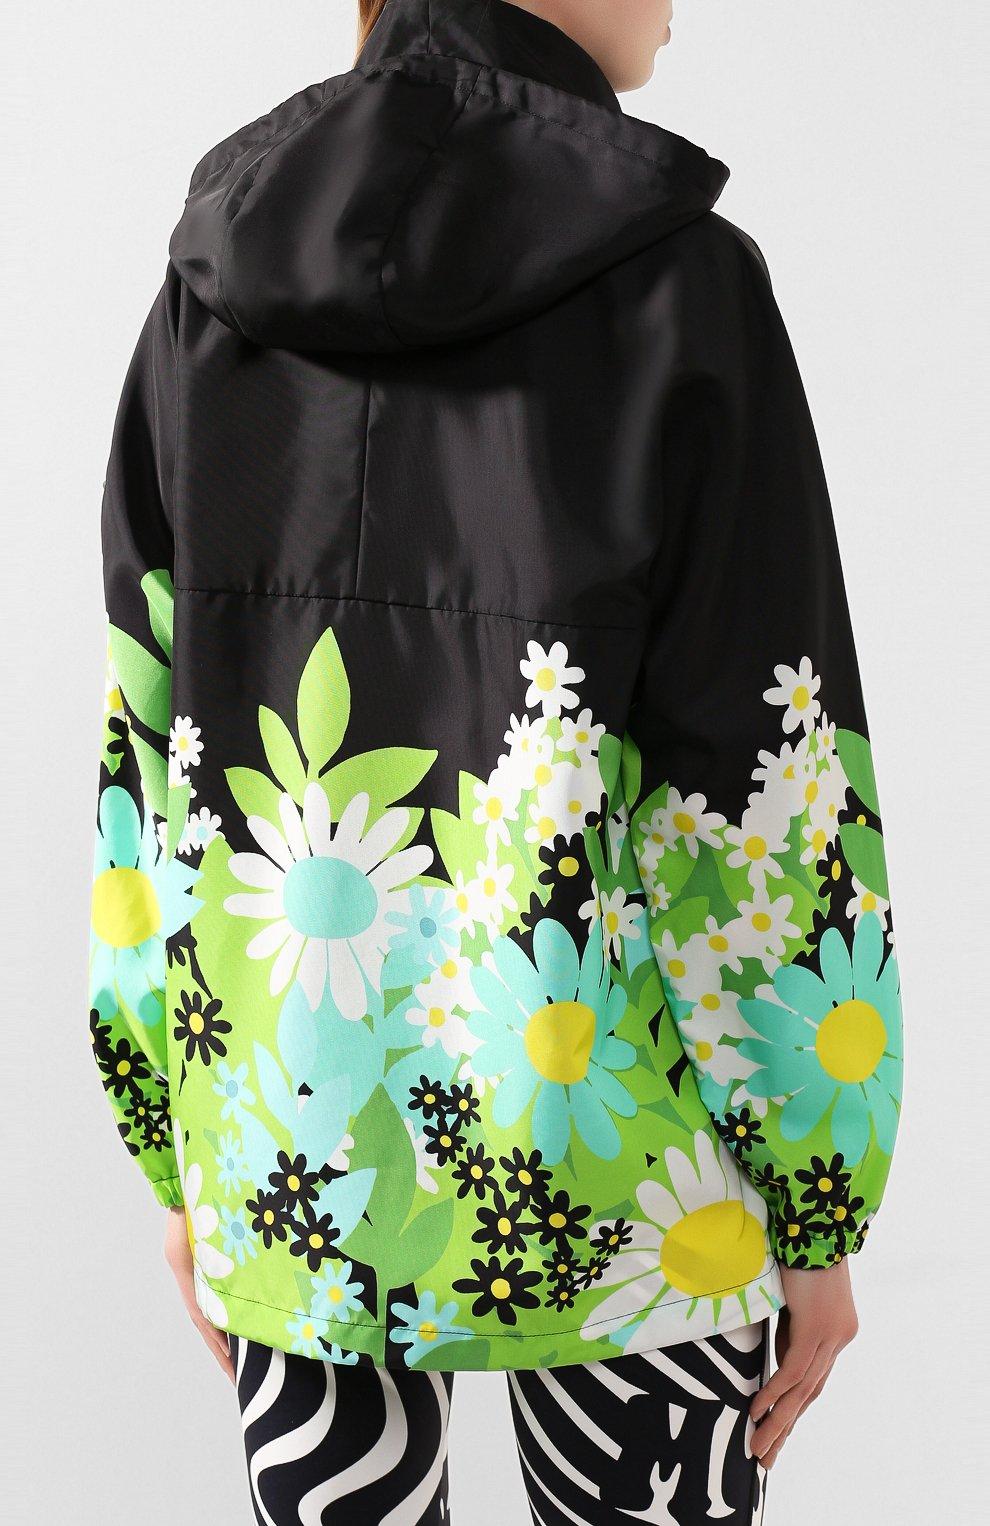 Женская куртка 0 moncler richard quinn MONCLER GENIUS разноцветного цвета, арт. F1-09F-1A704-00-539WL | Фото 6